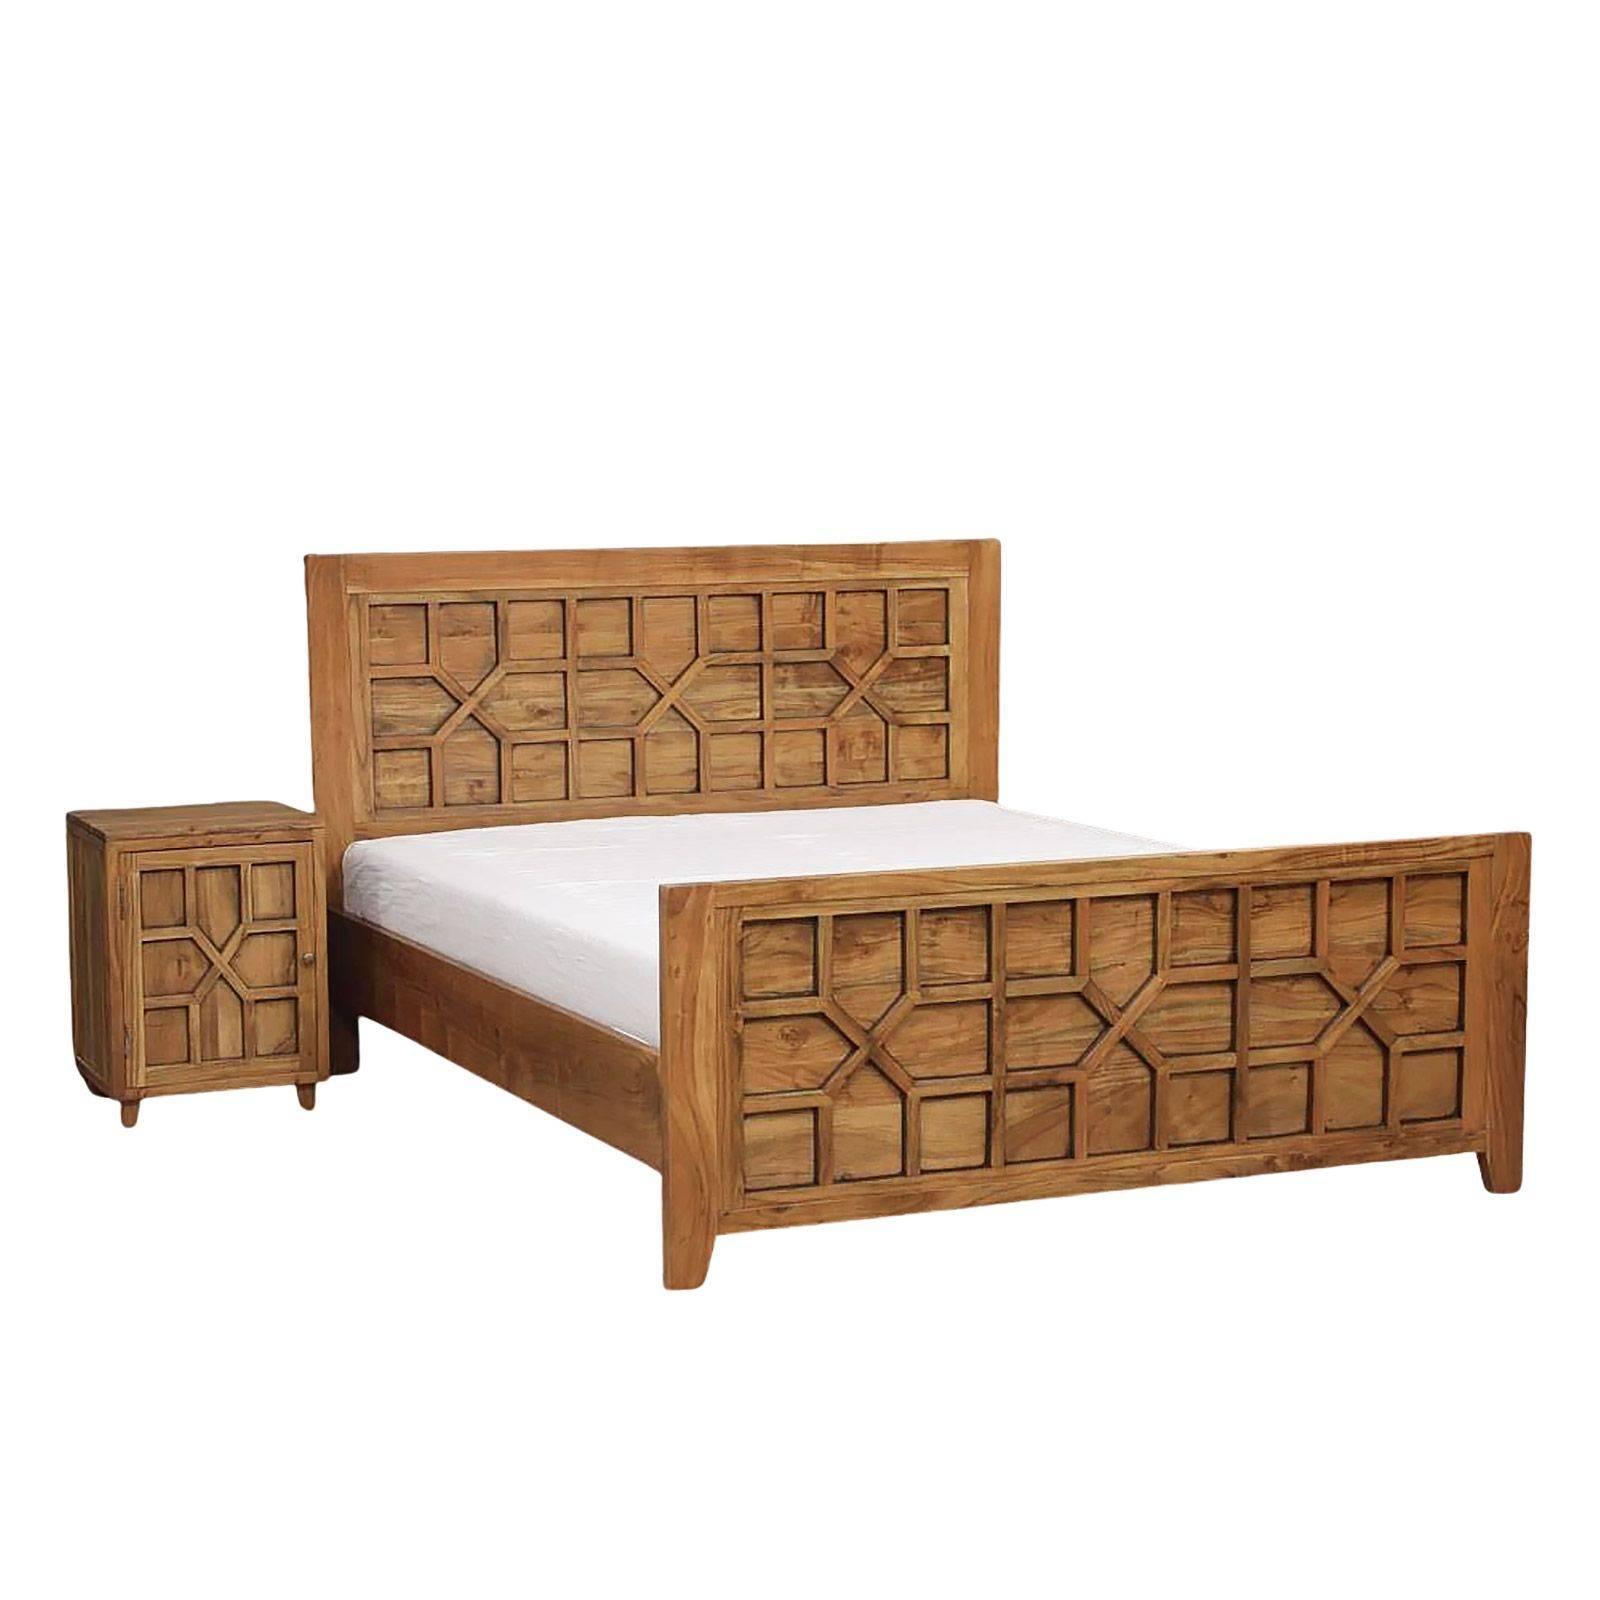 Lit arabesque bois exotique 160